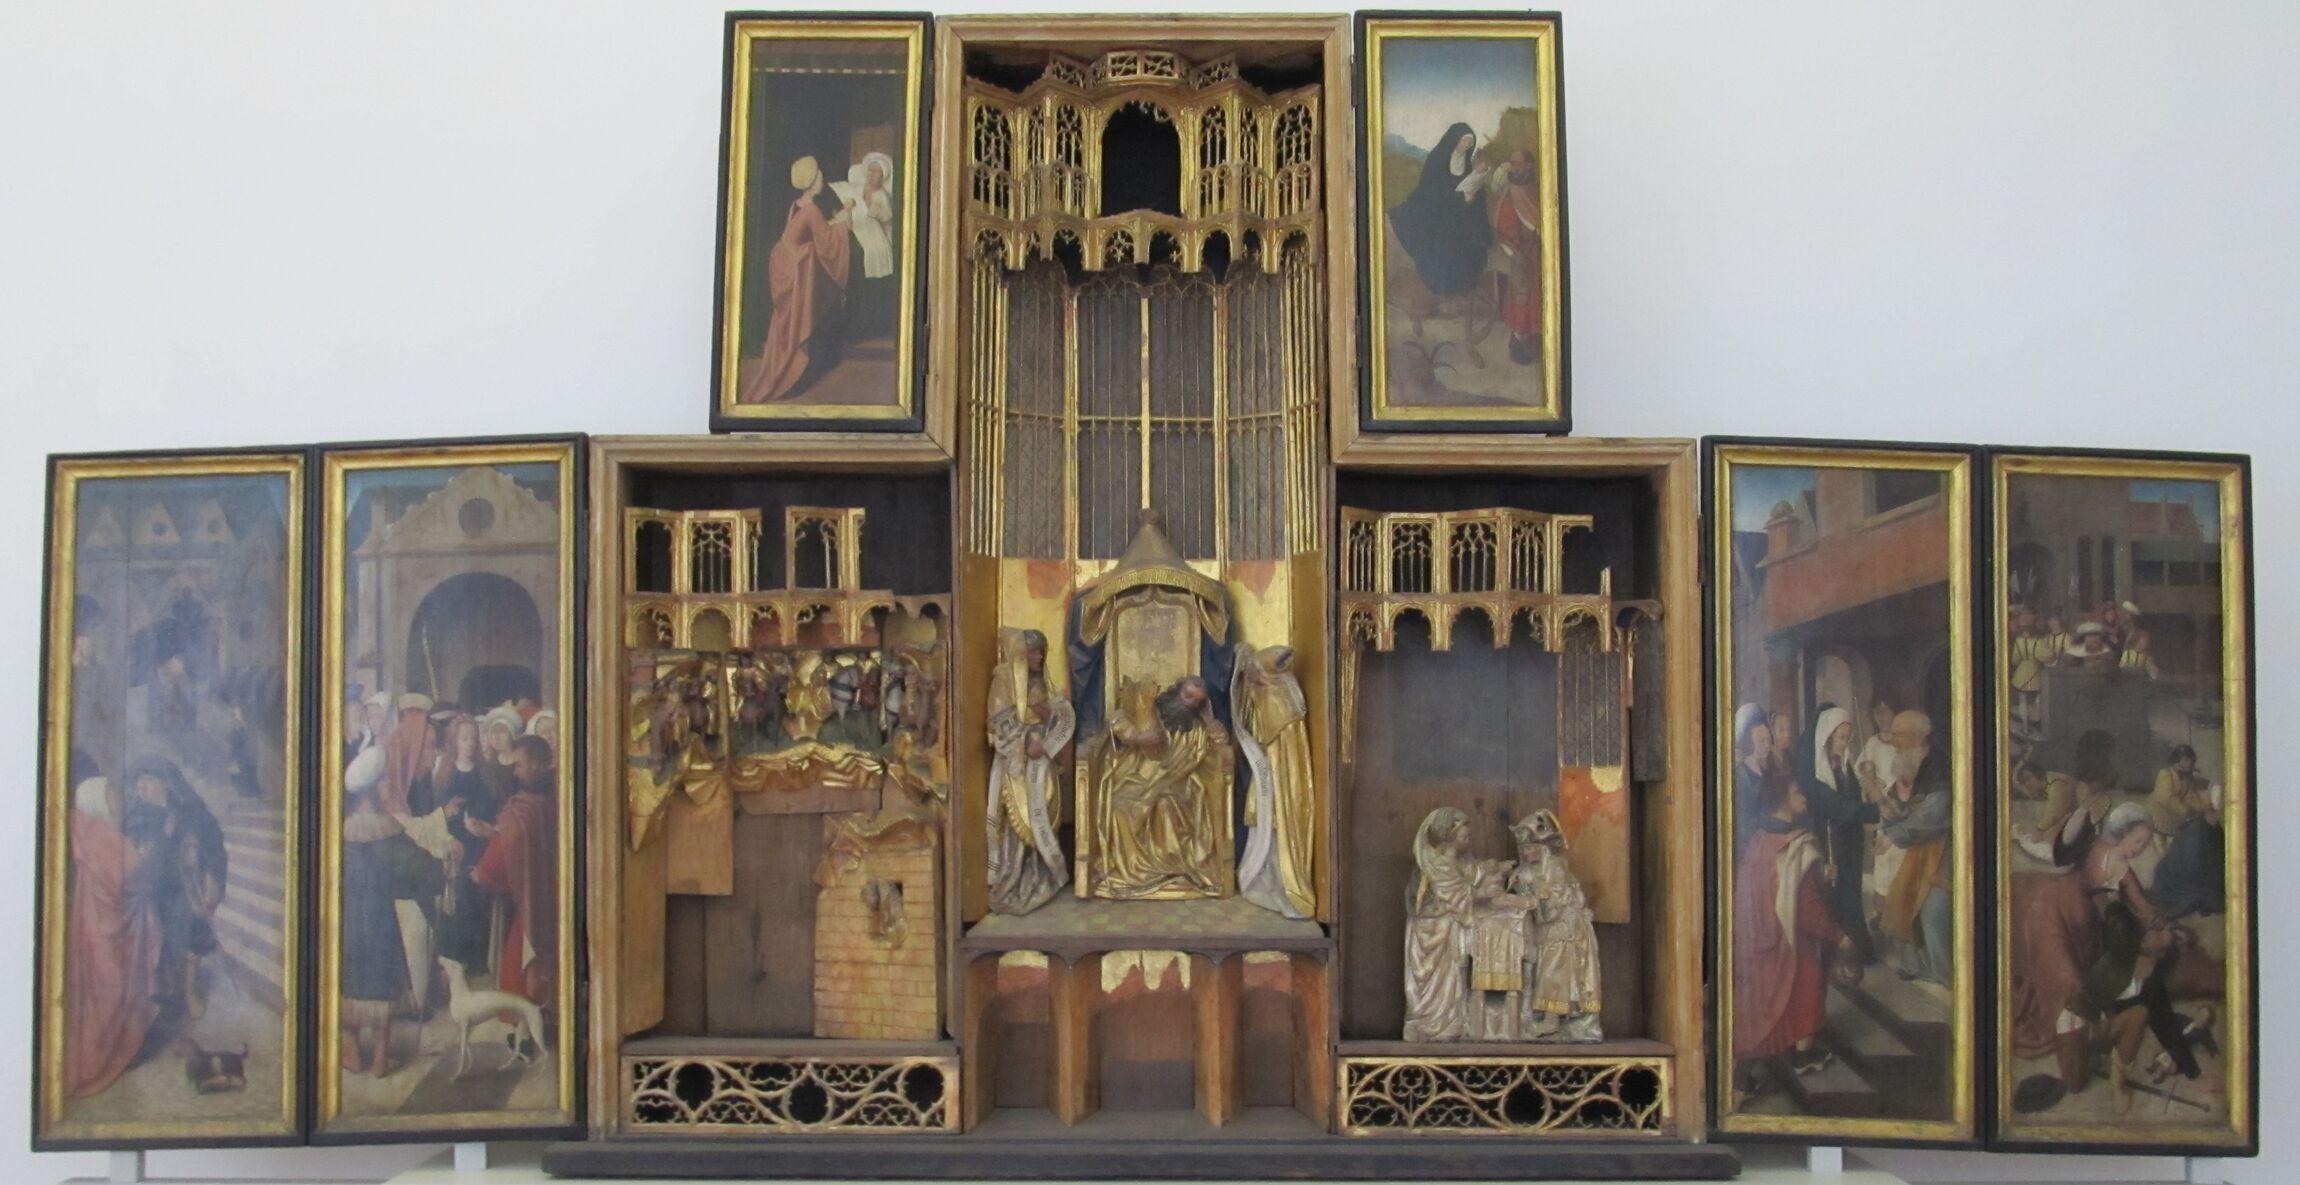 Alter Altar geoeffnet